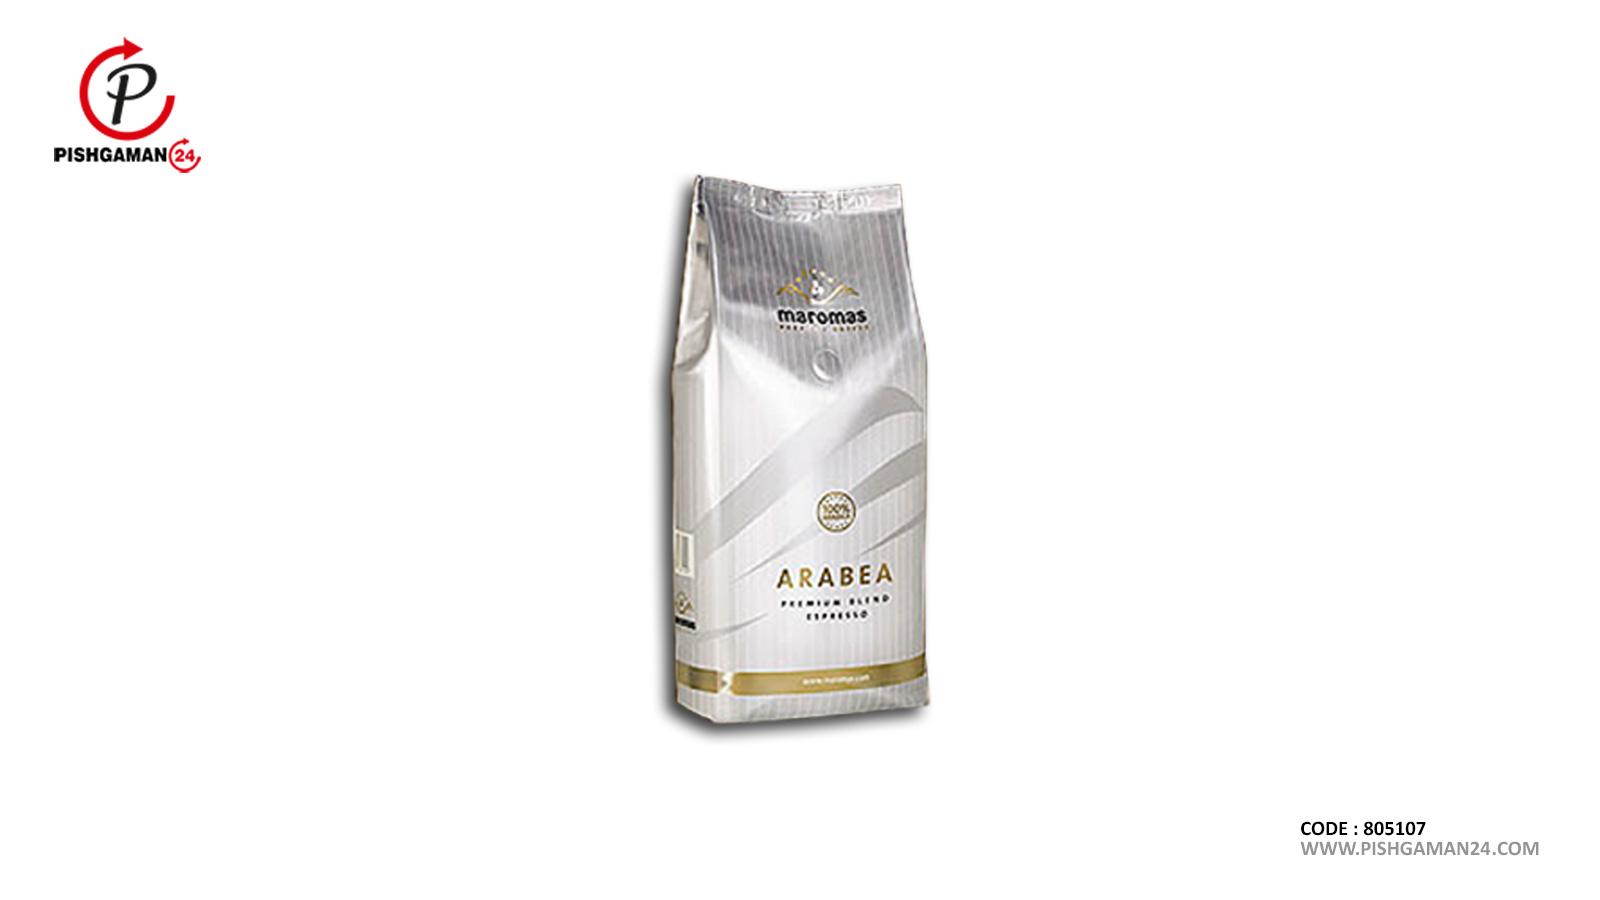 قهوه اسپرسو عربیا ( دانه ) - ماروماس سوئیس